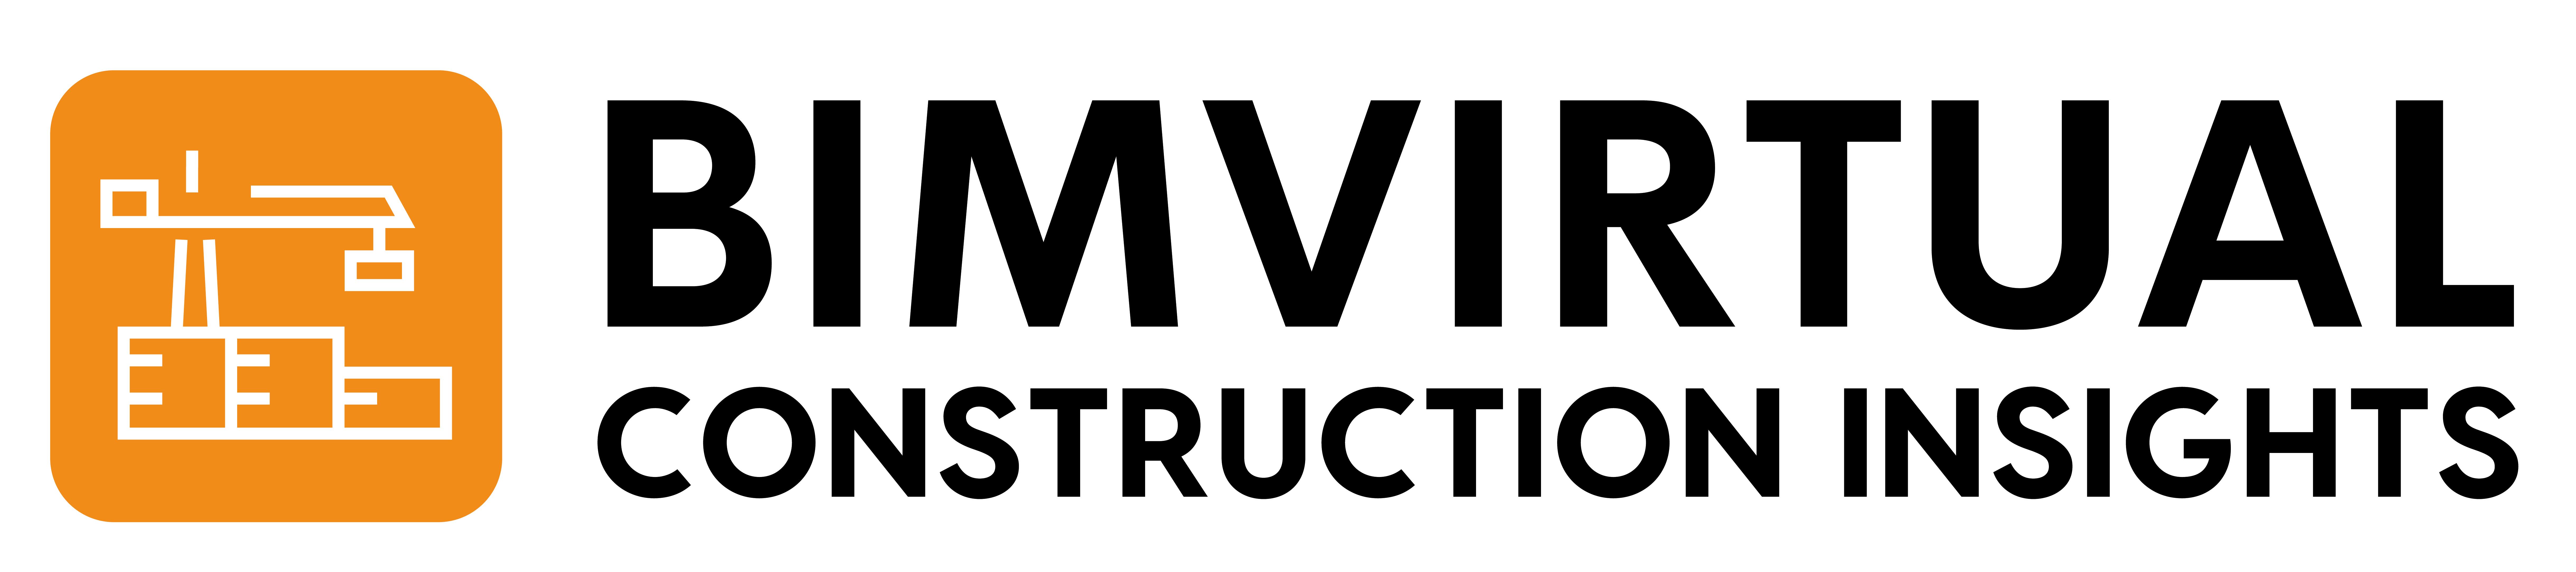 Bimvirtual